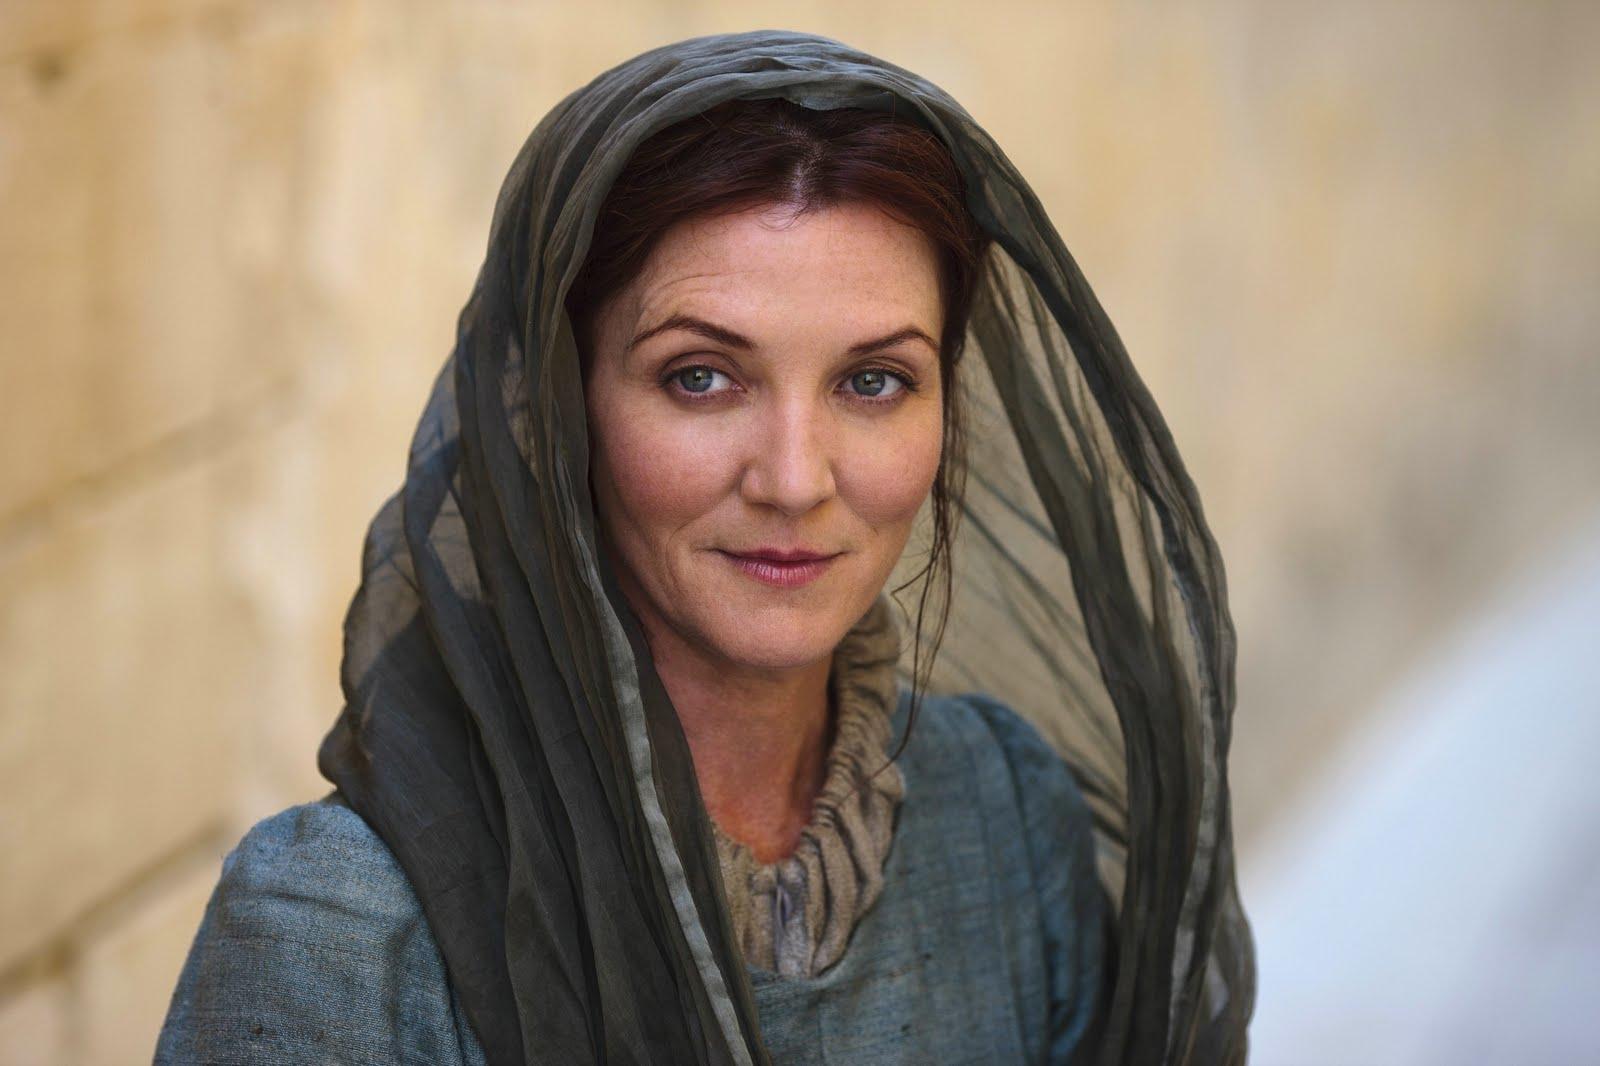 michelle fairley actress wallpaper 59373